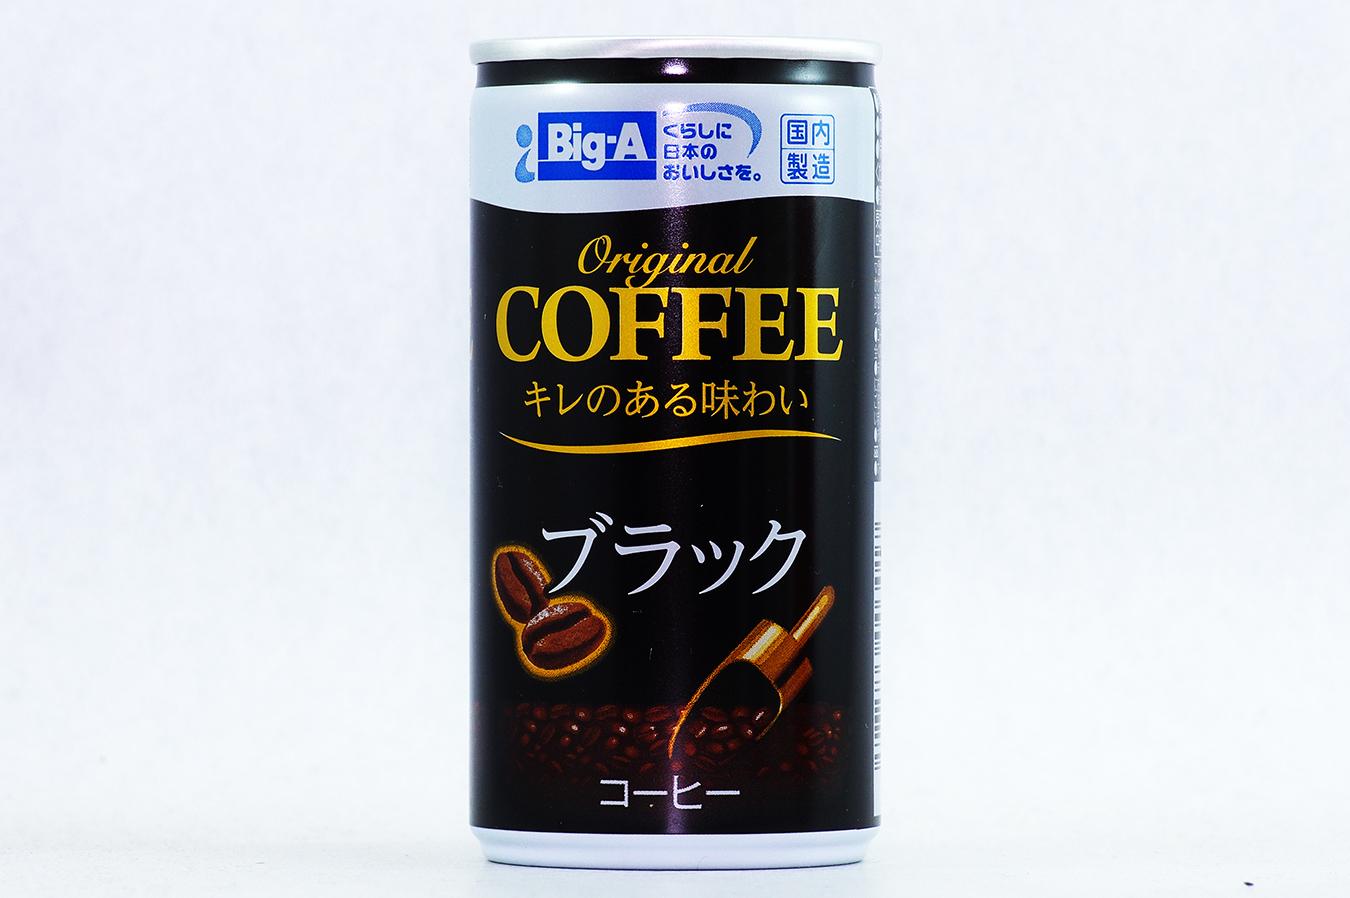 オリジナルコーヒー ブラック 2018年1月